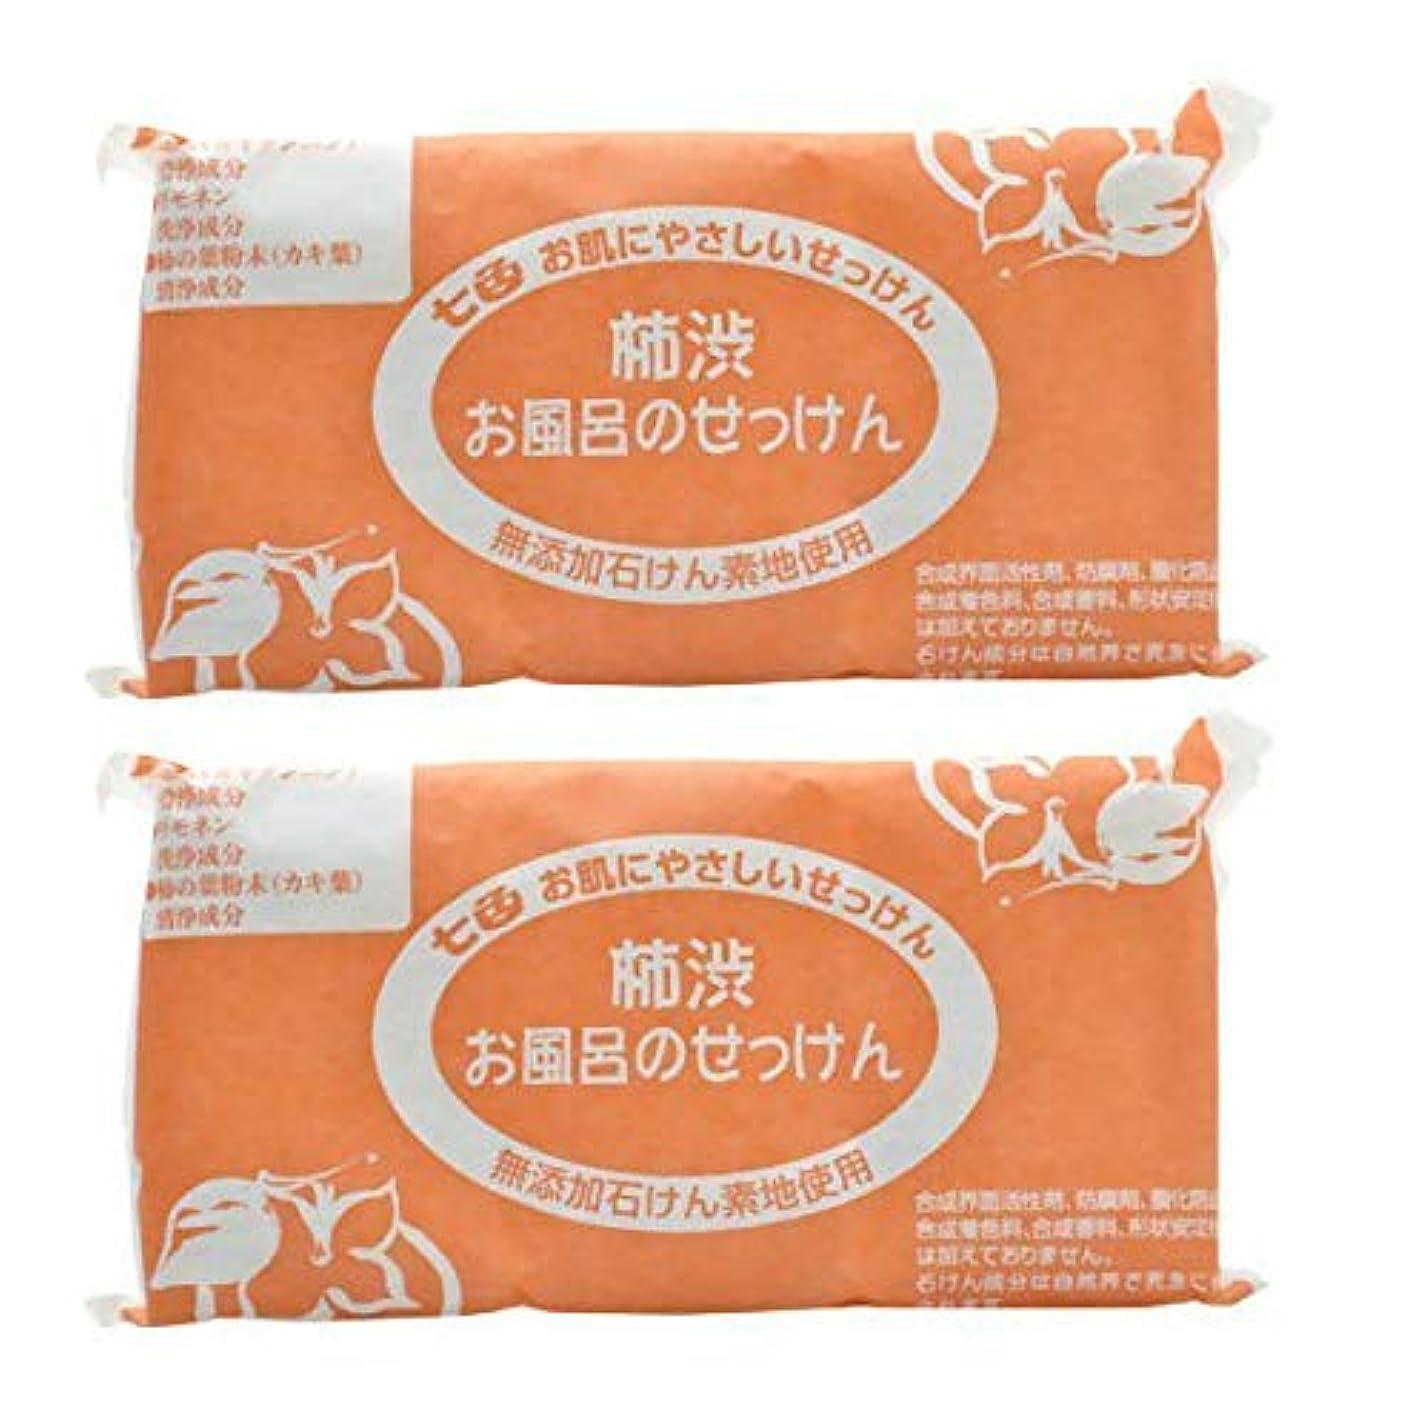 ホーンアンタゴニストどうしたの七色 お風呂のせっけん 柿渋(無添加石鹸) 100g×3個入×2セット